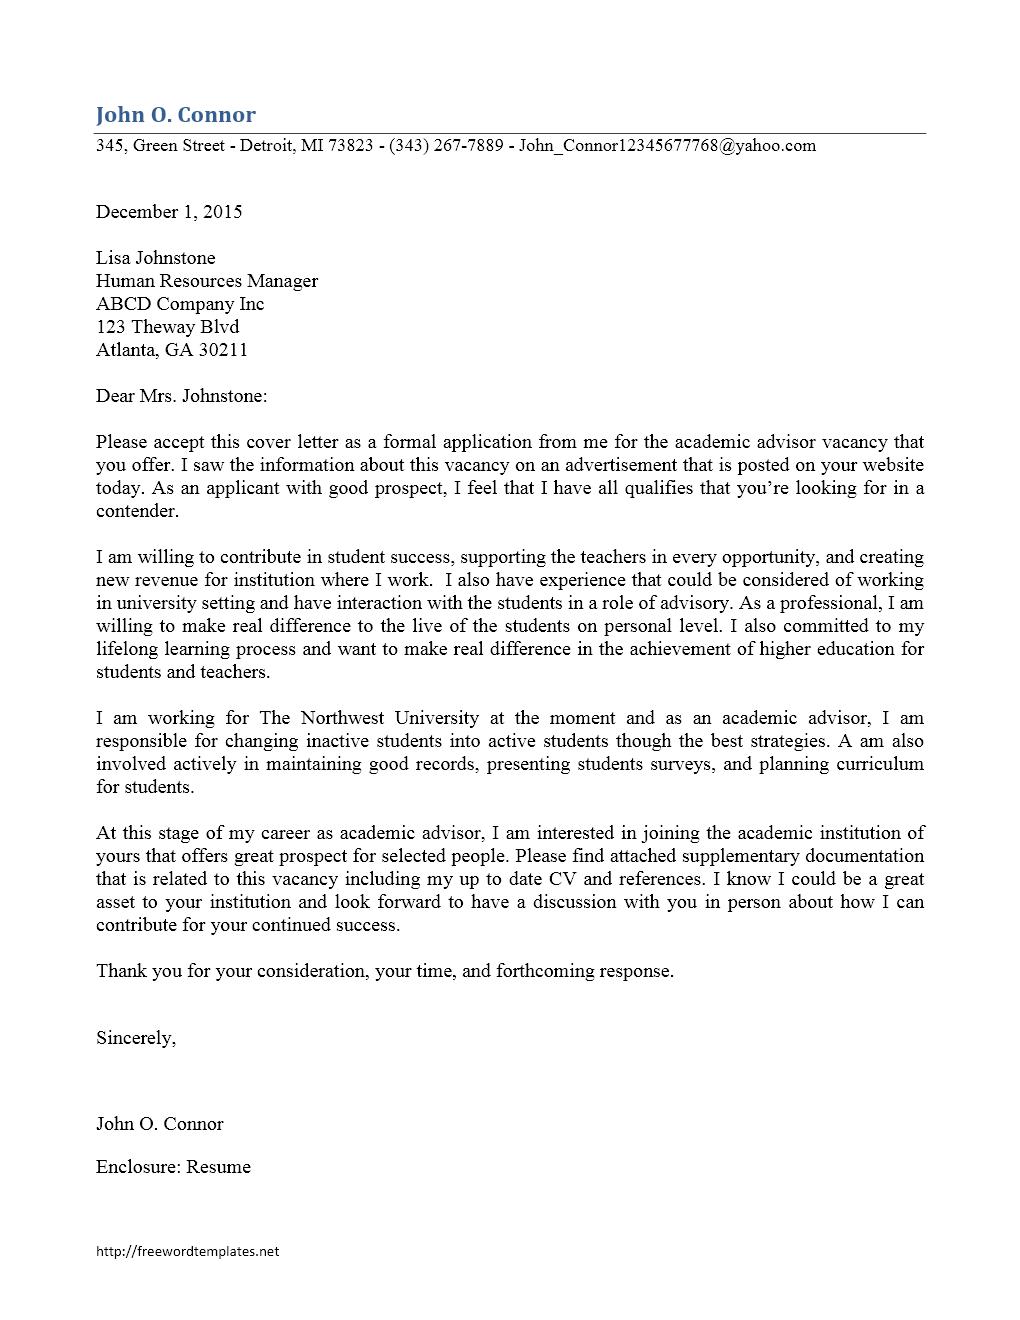 academic advisor cover letter sample Archives | Freewordtemplates.net